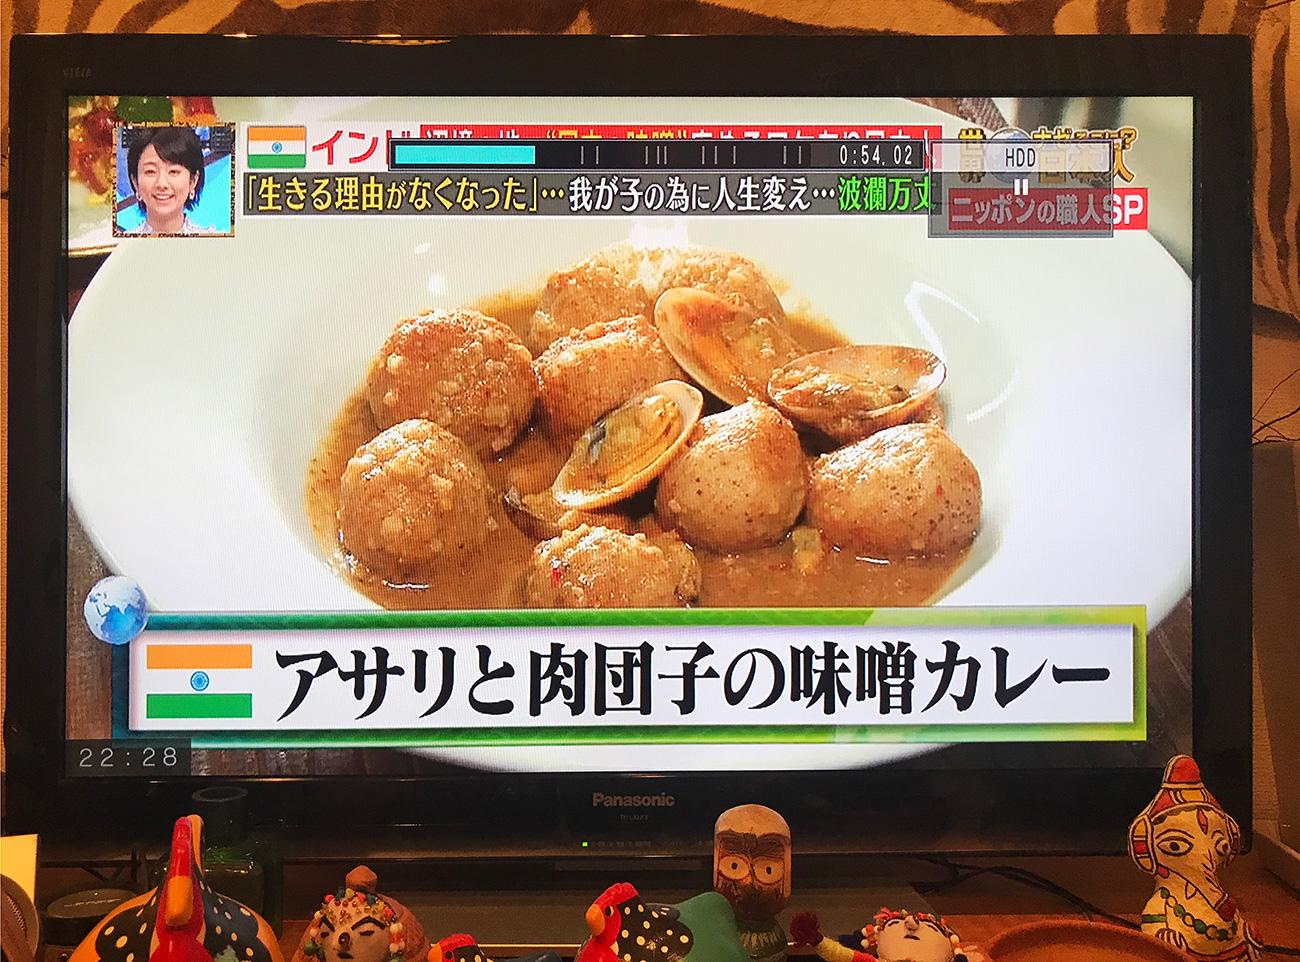 インド式味噌料理 アサリと肉団子の味噌カレー